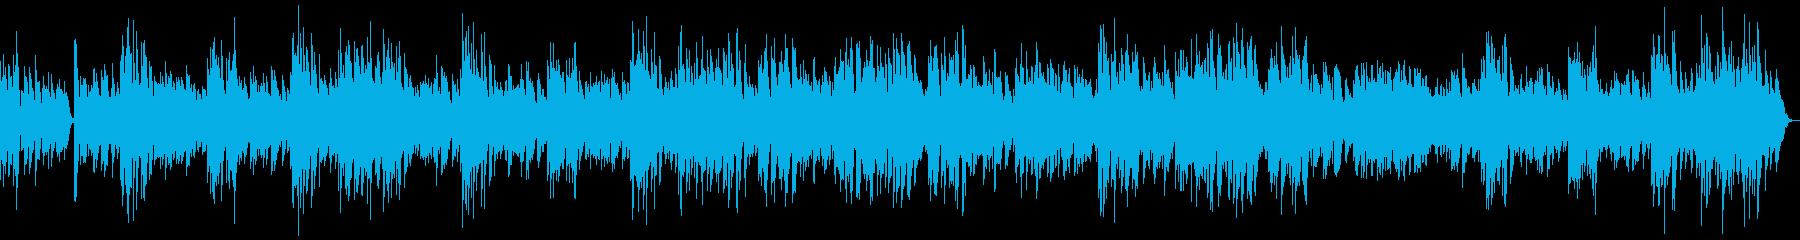 昔のフィルム映画やラジオ風のラグタイム1の再生済みの波形